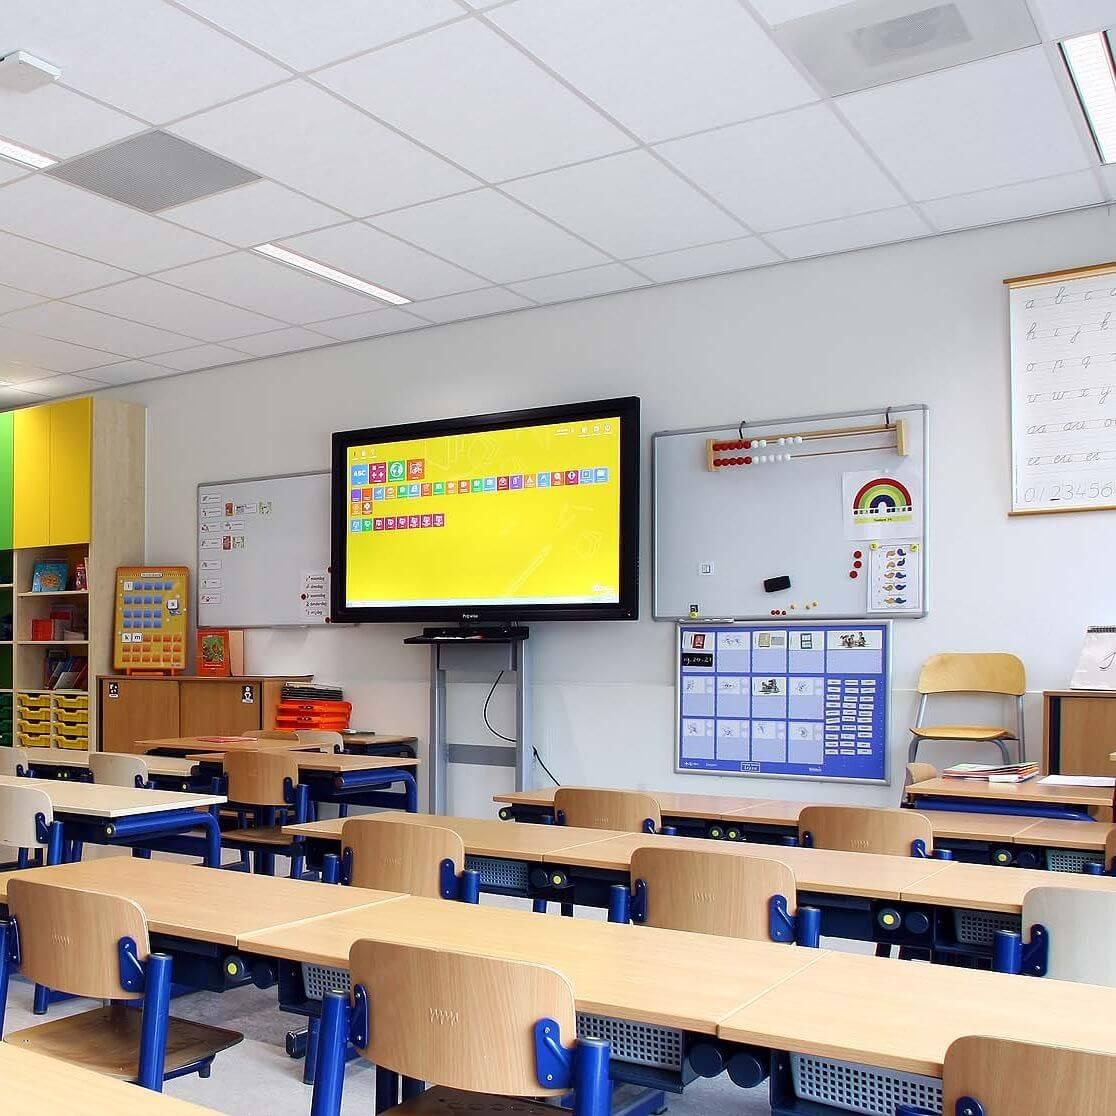 Onderwijs<em>Beter leren en presterenmet AMMANU LED-oplossingen</em>